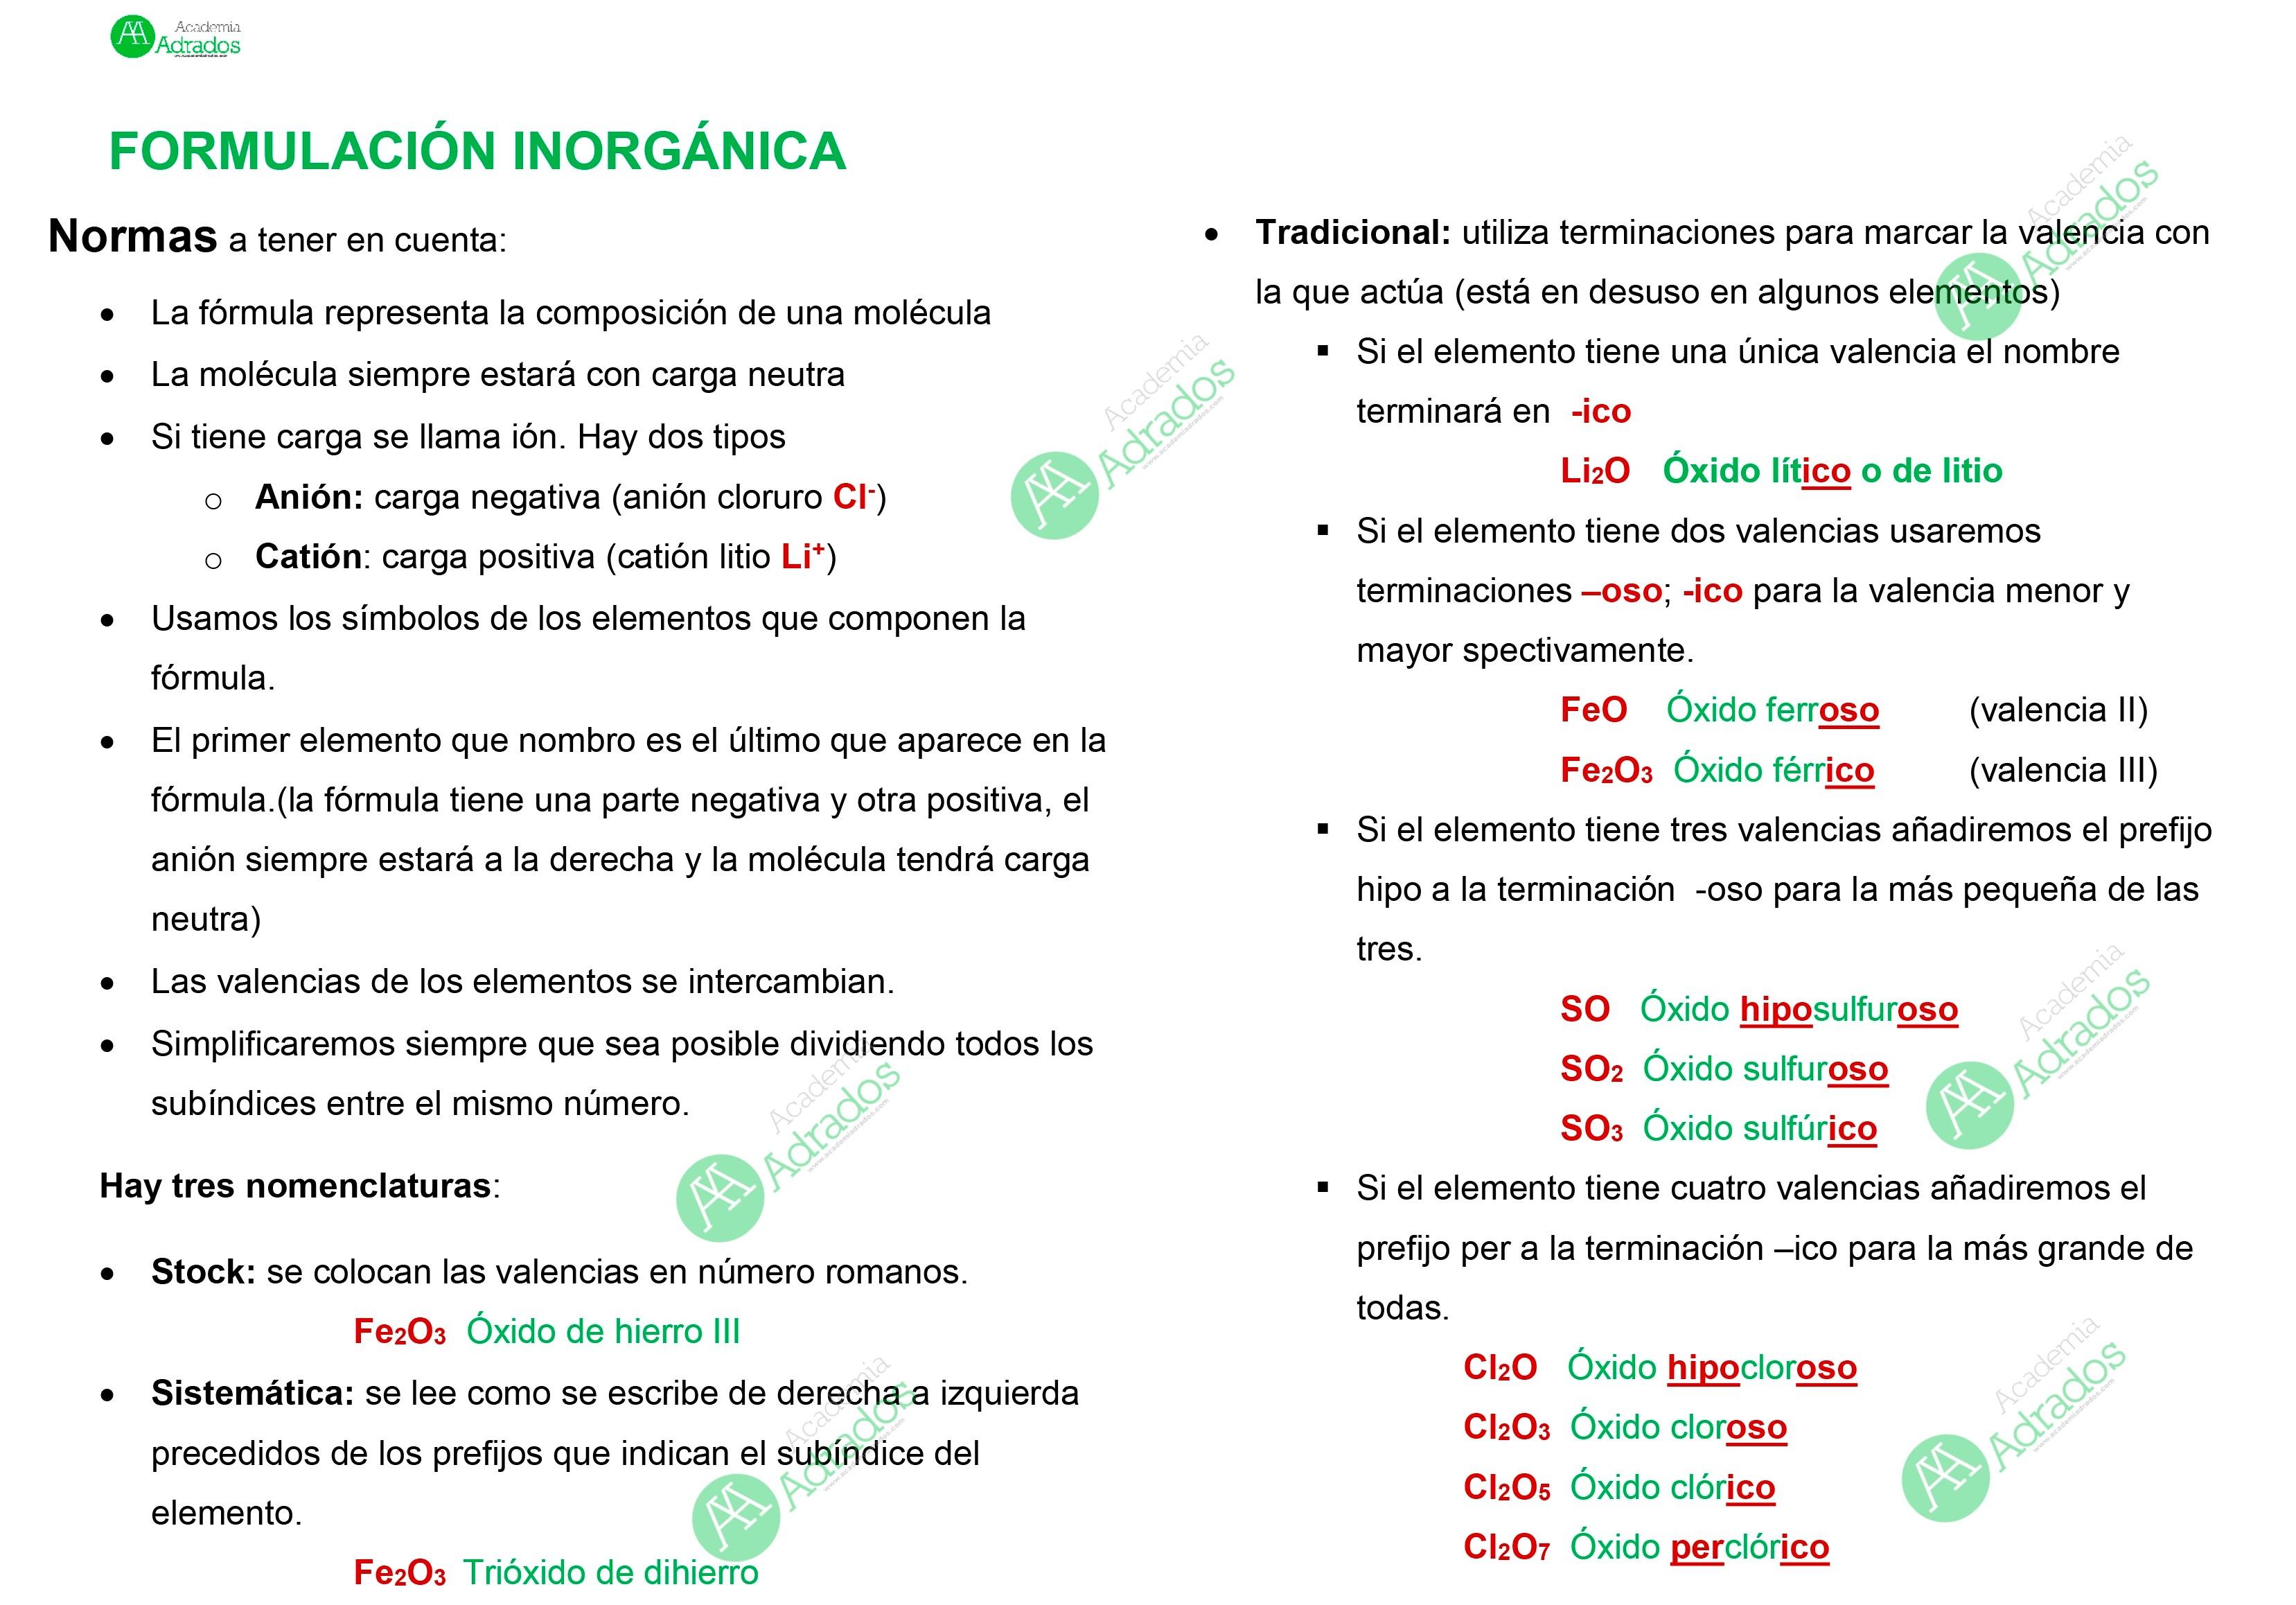 Formulación inorgánica- normas